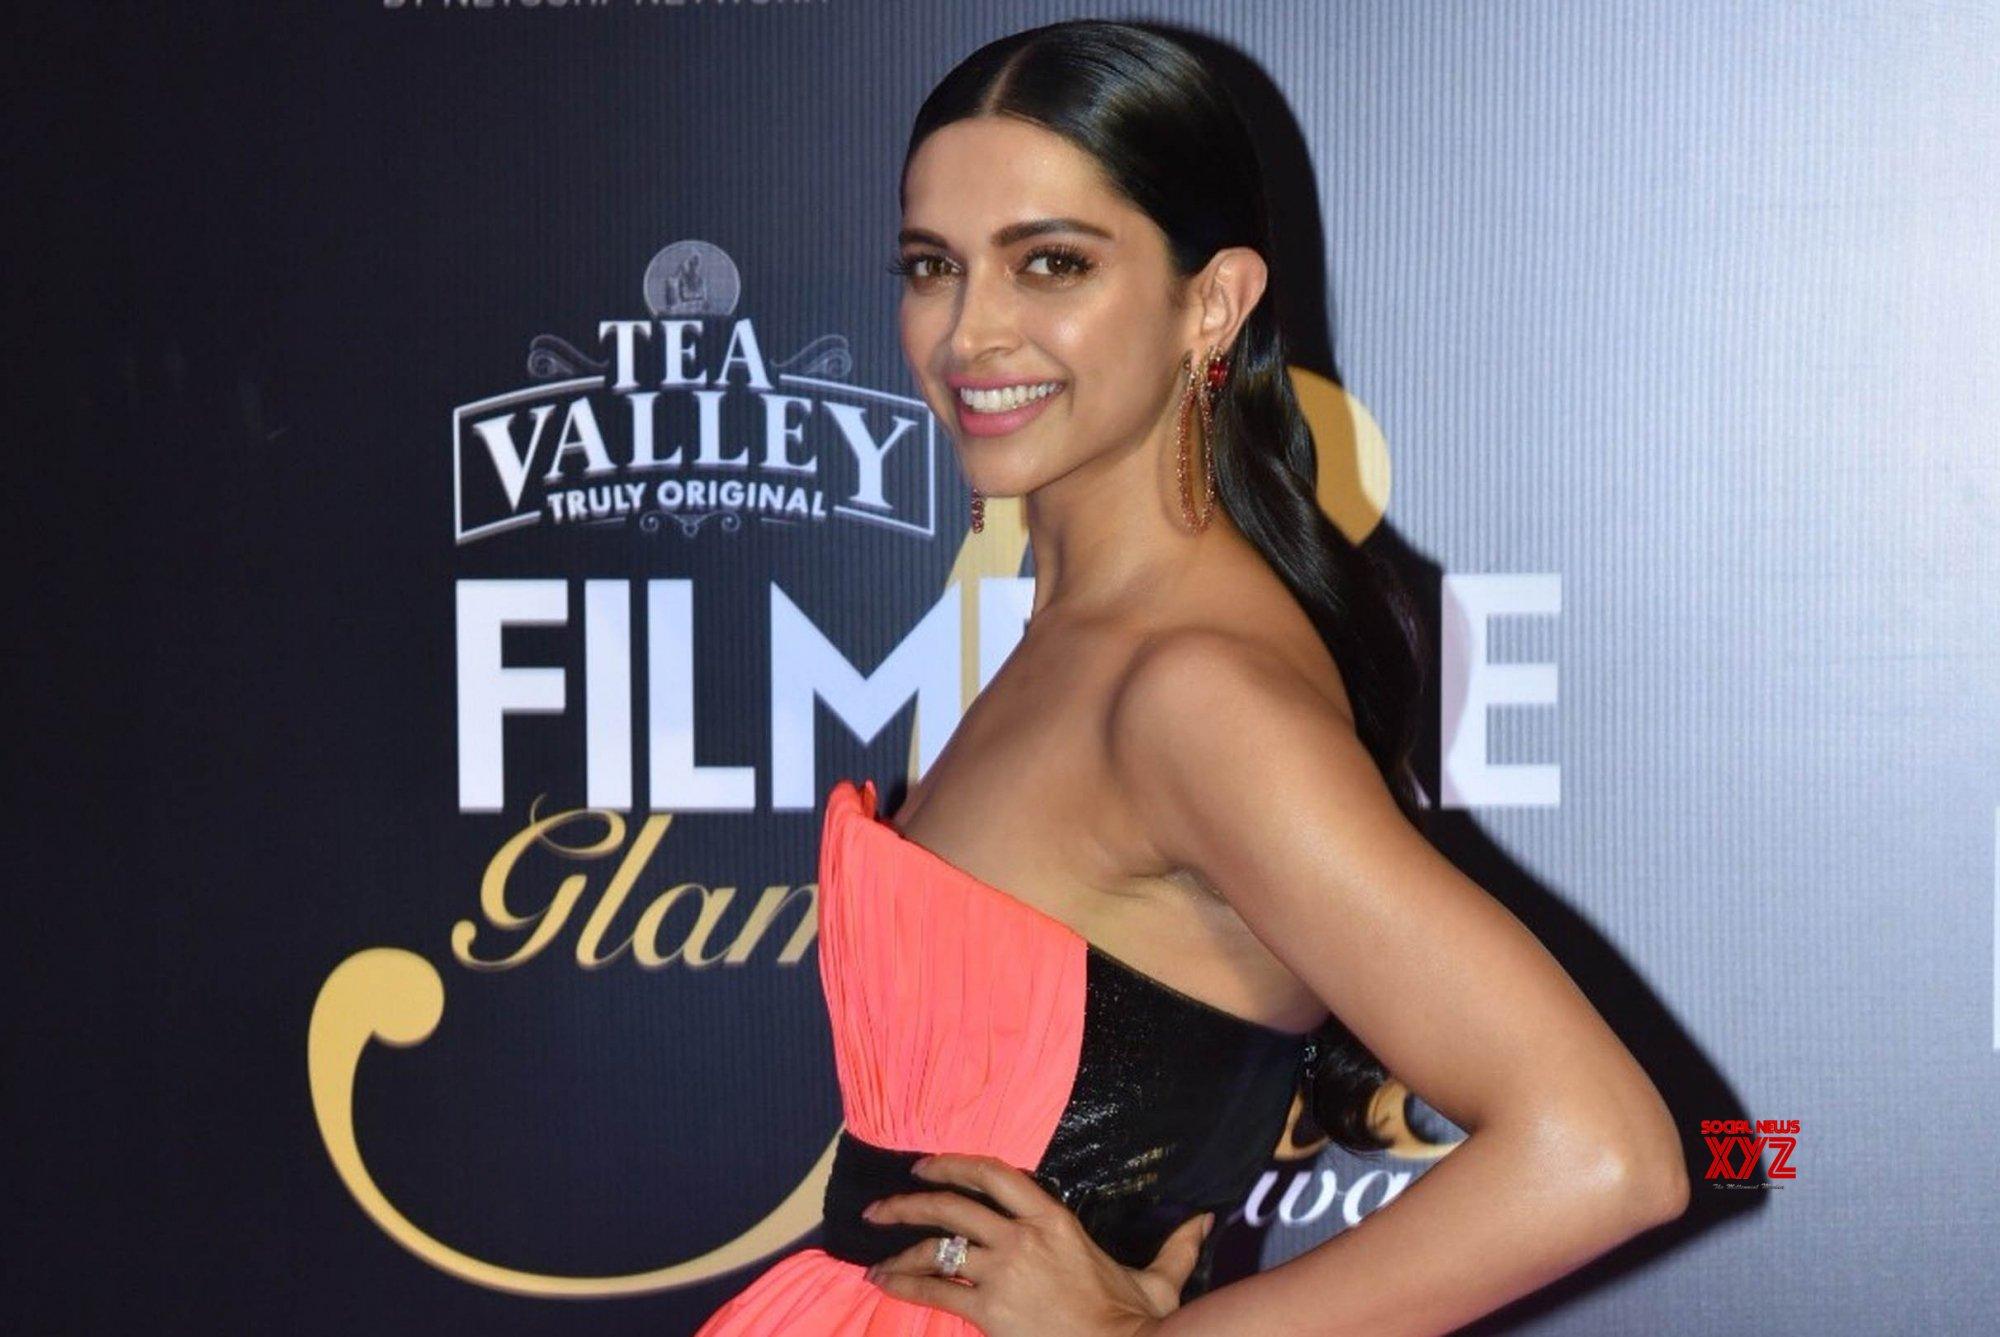 Mumbai: Filmfare Glamour And Style Awards 2019 - Deepika Padukone #Gallery